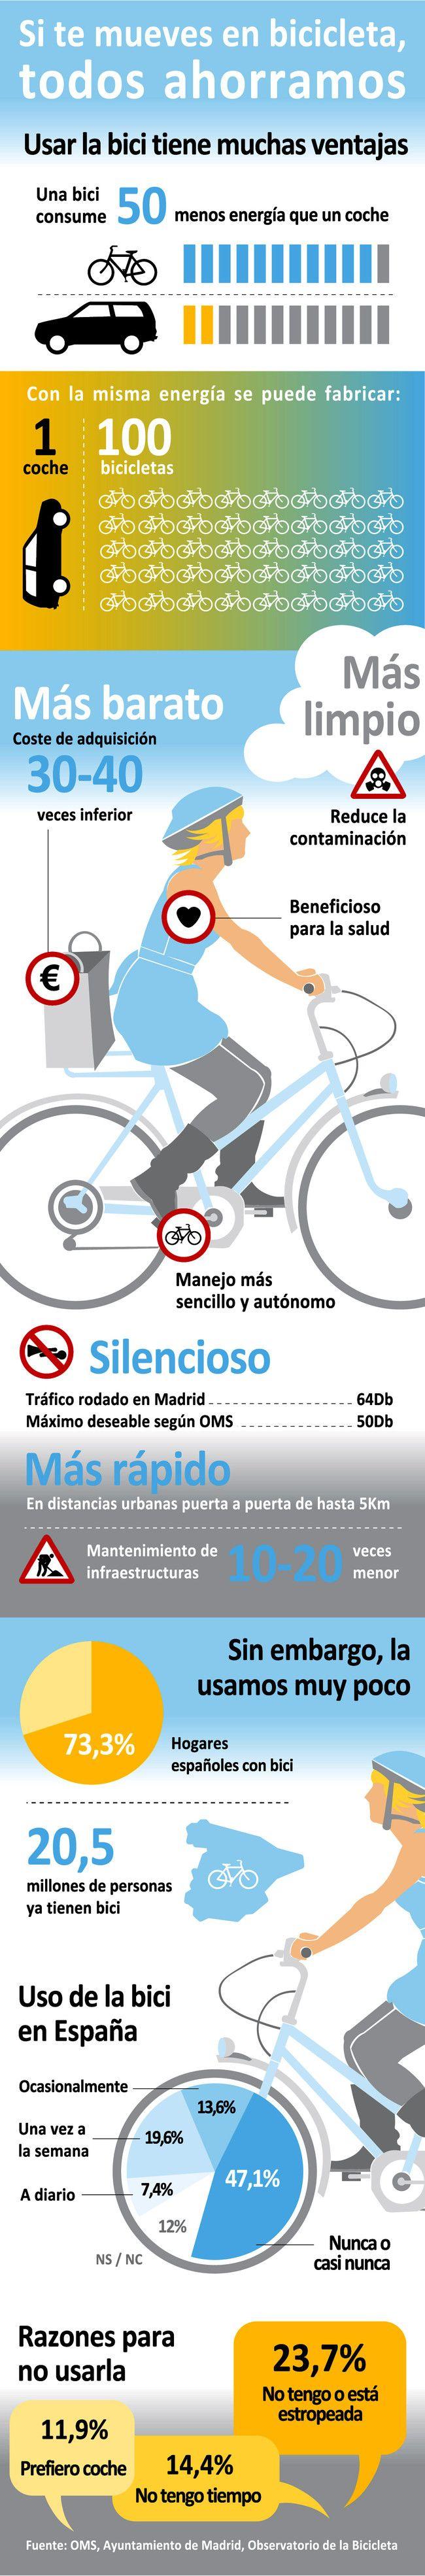 Todos ahorramos si te mueves en bici.